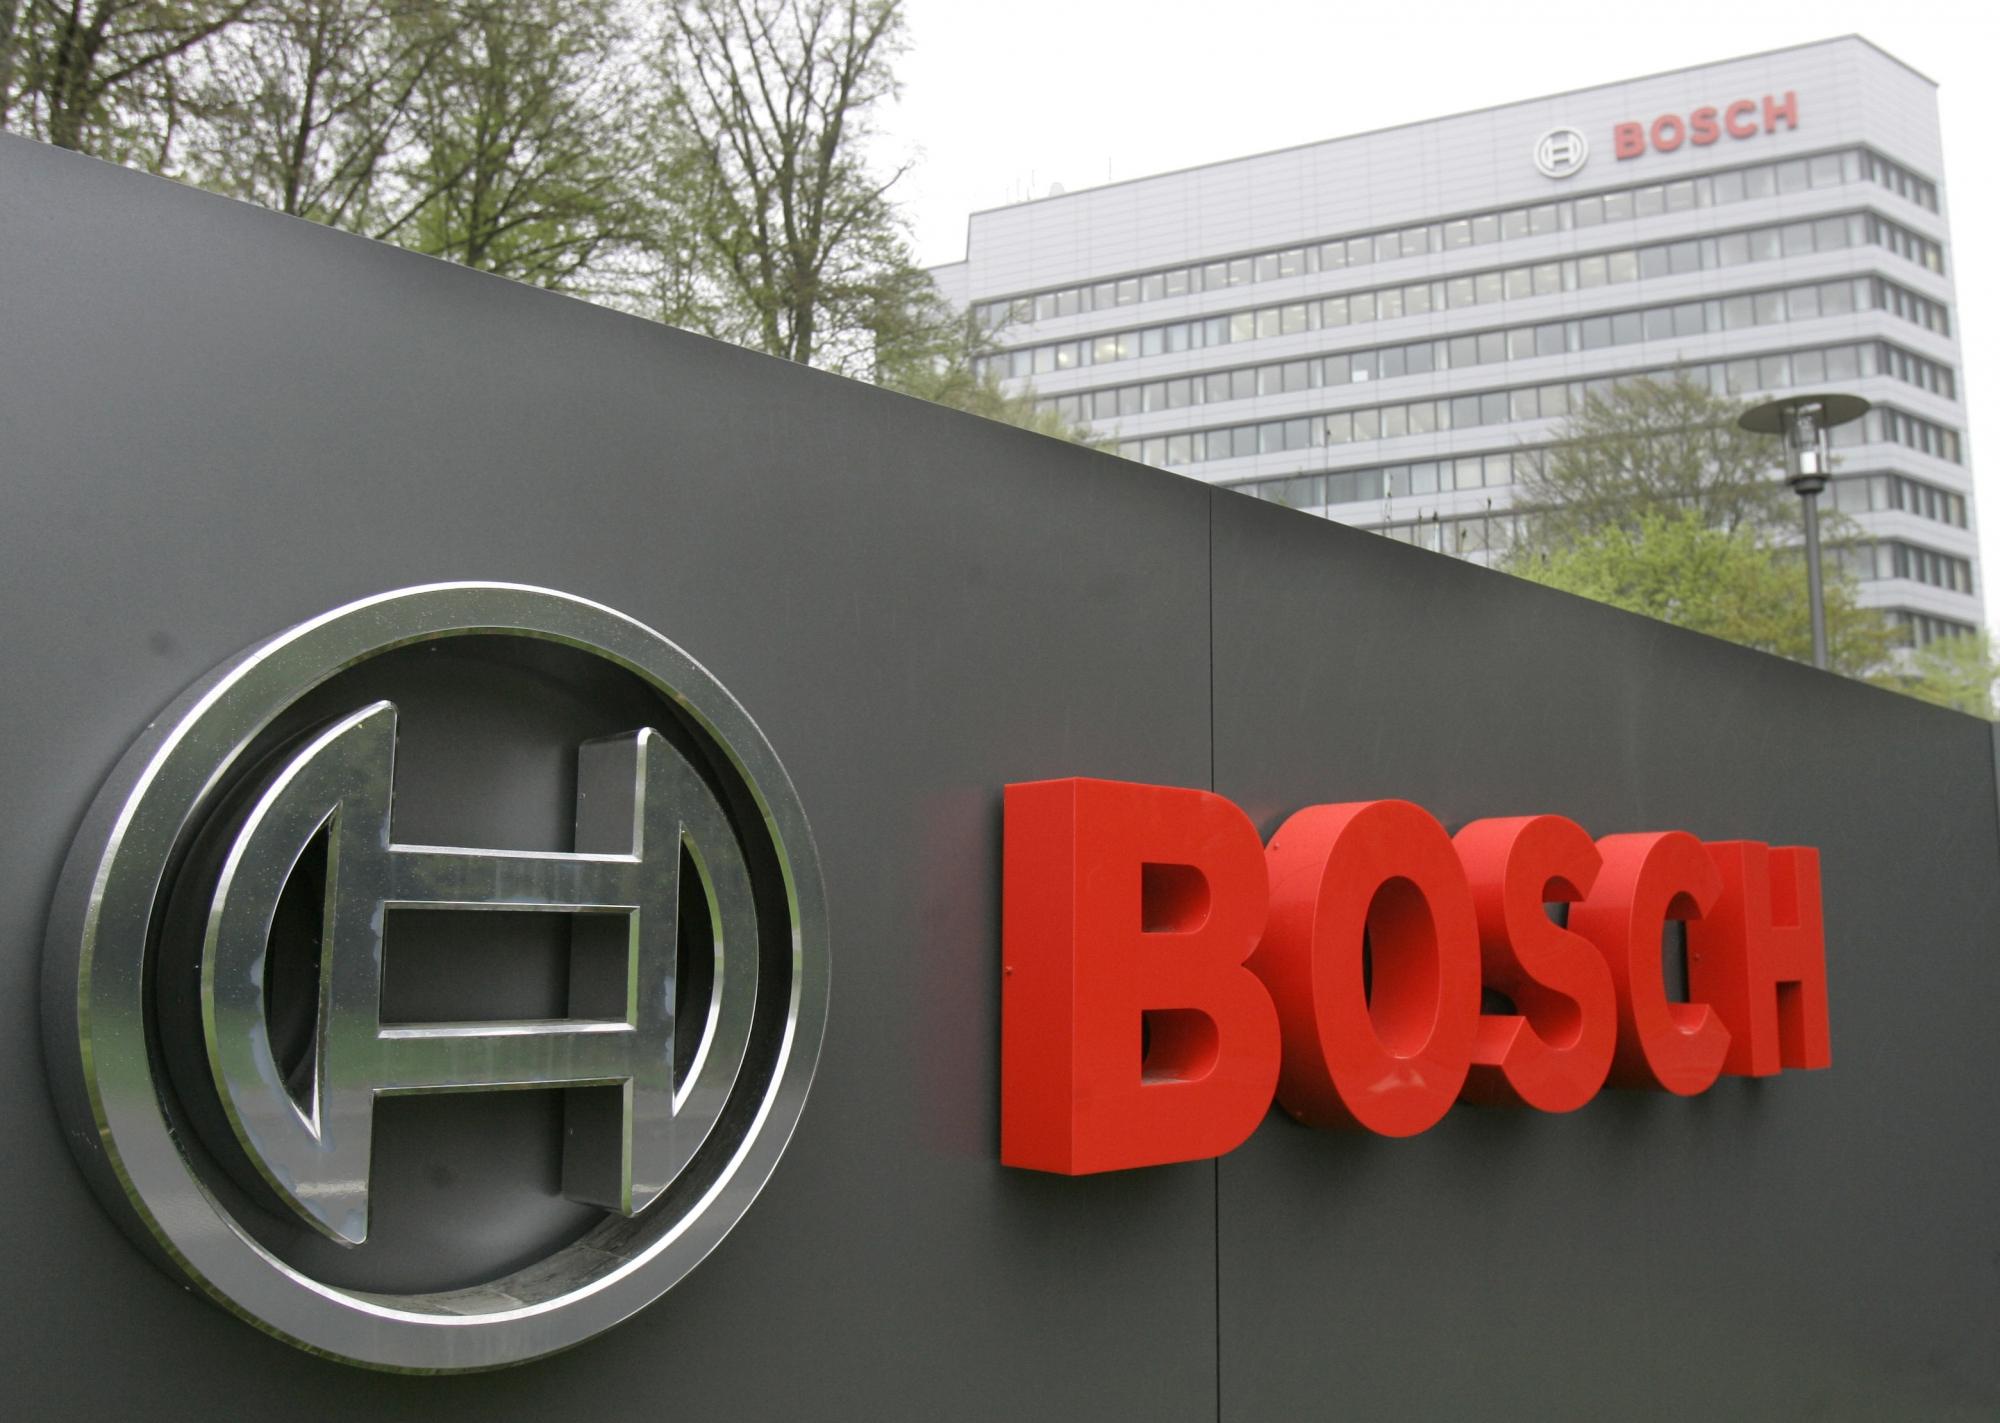 Germany's Bosch fined $100 million over diesel scandal   WTOP